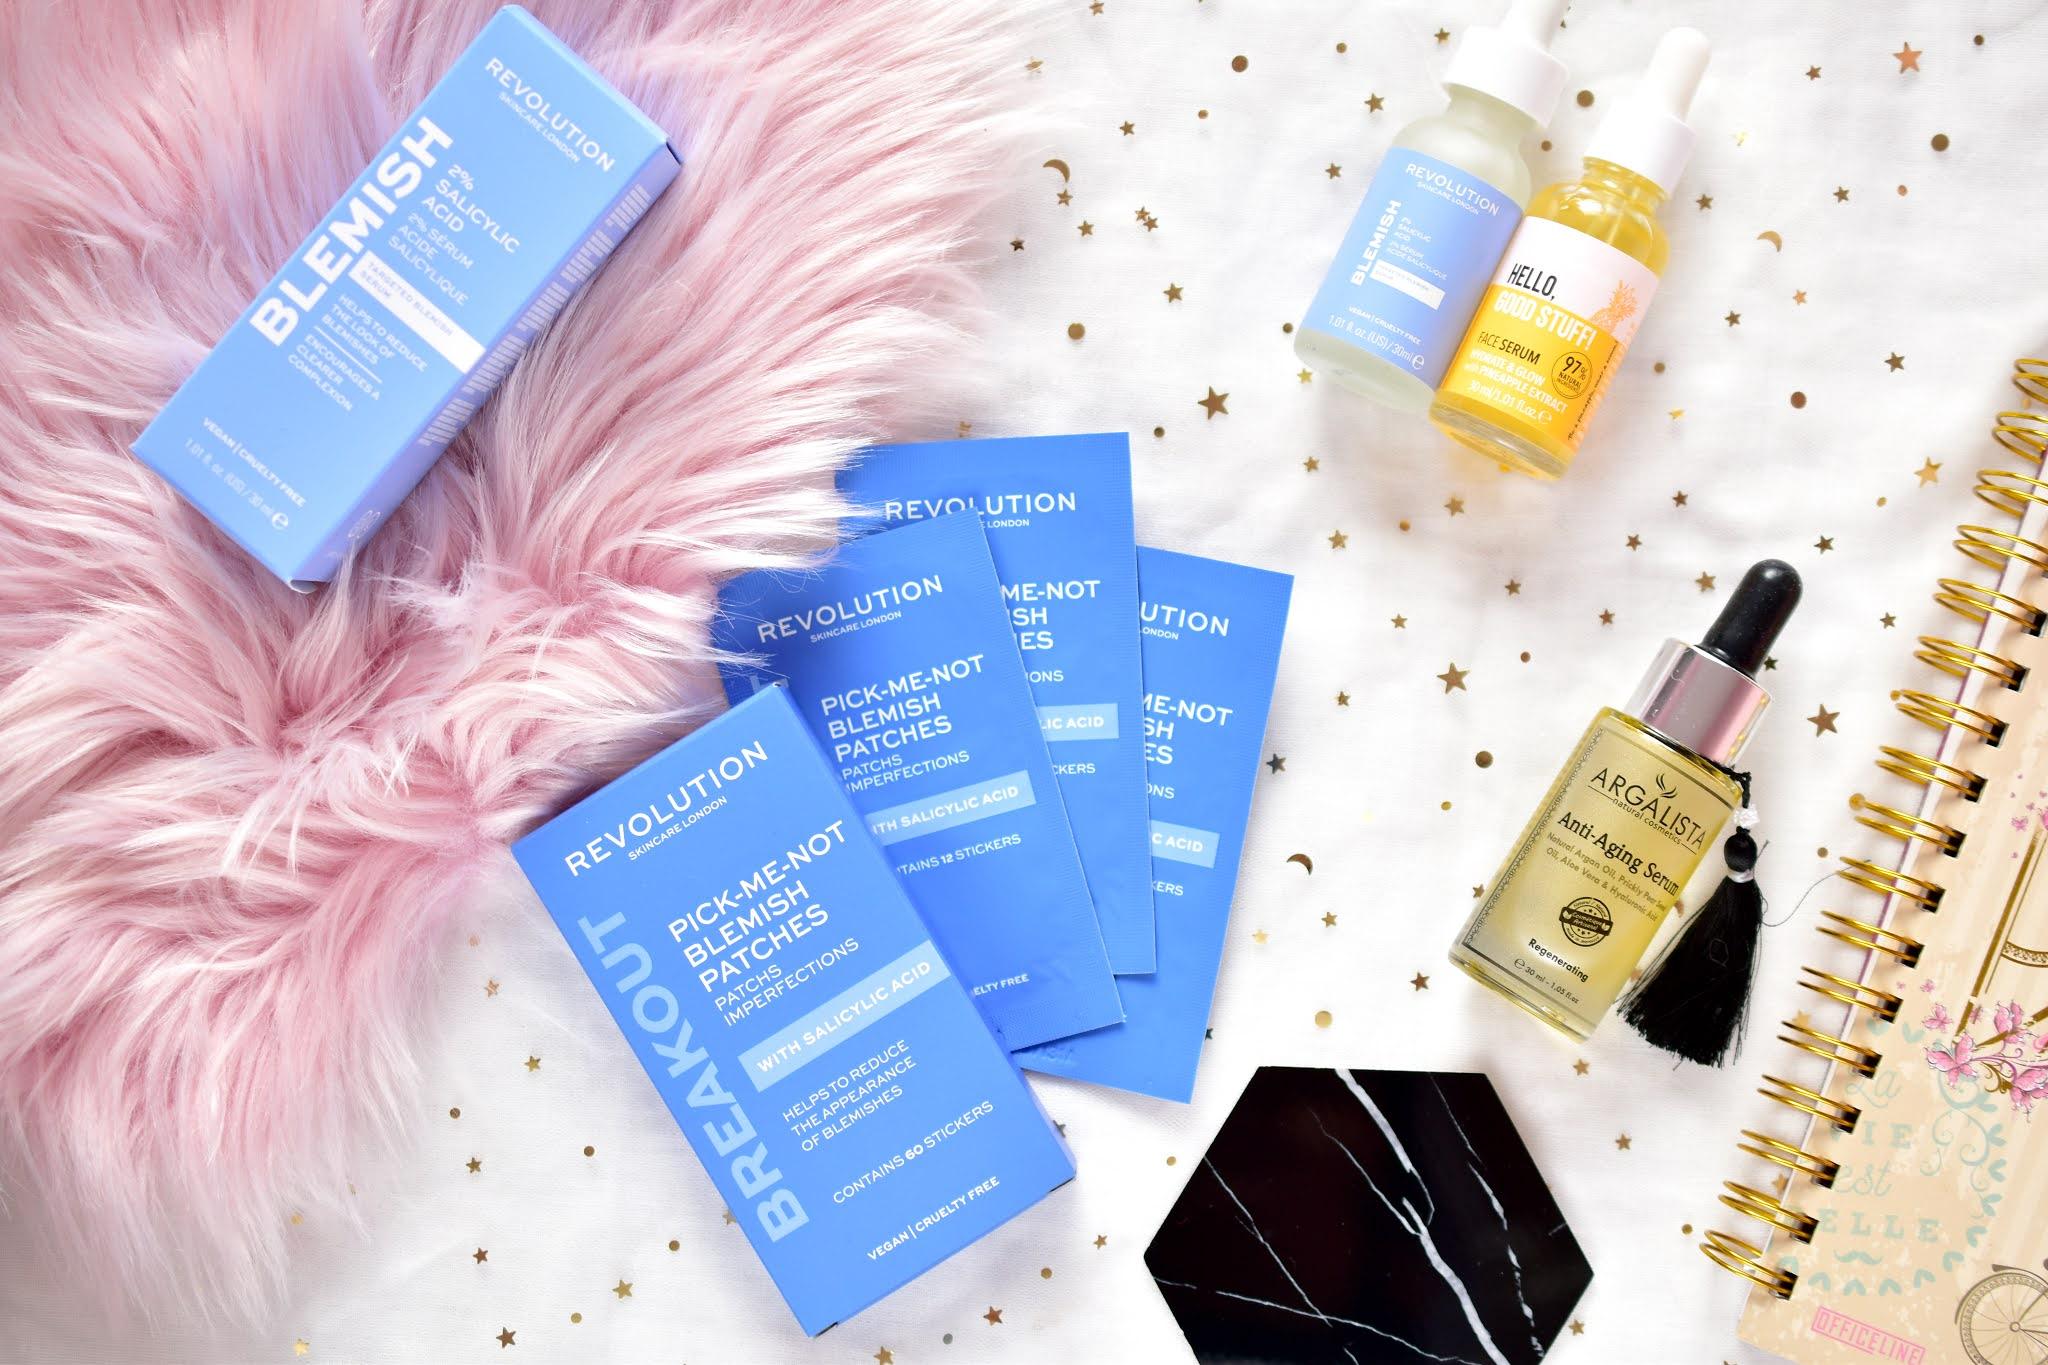 revolution skin care salicylic acid